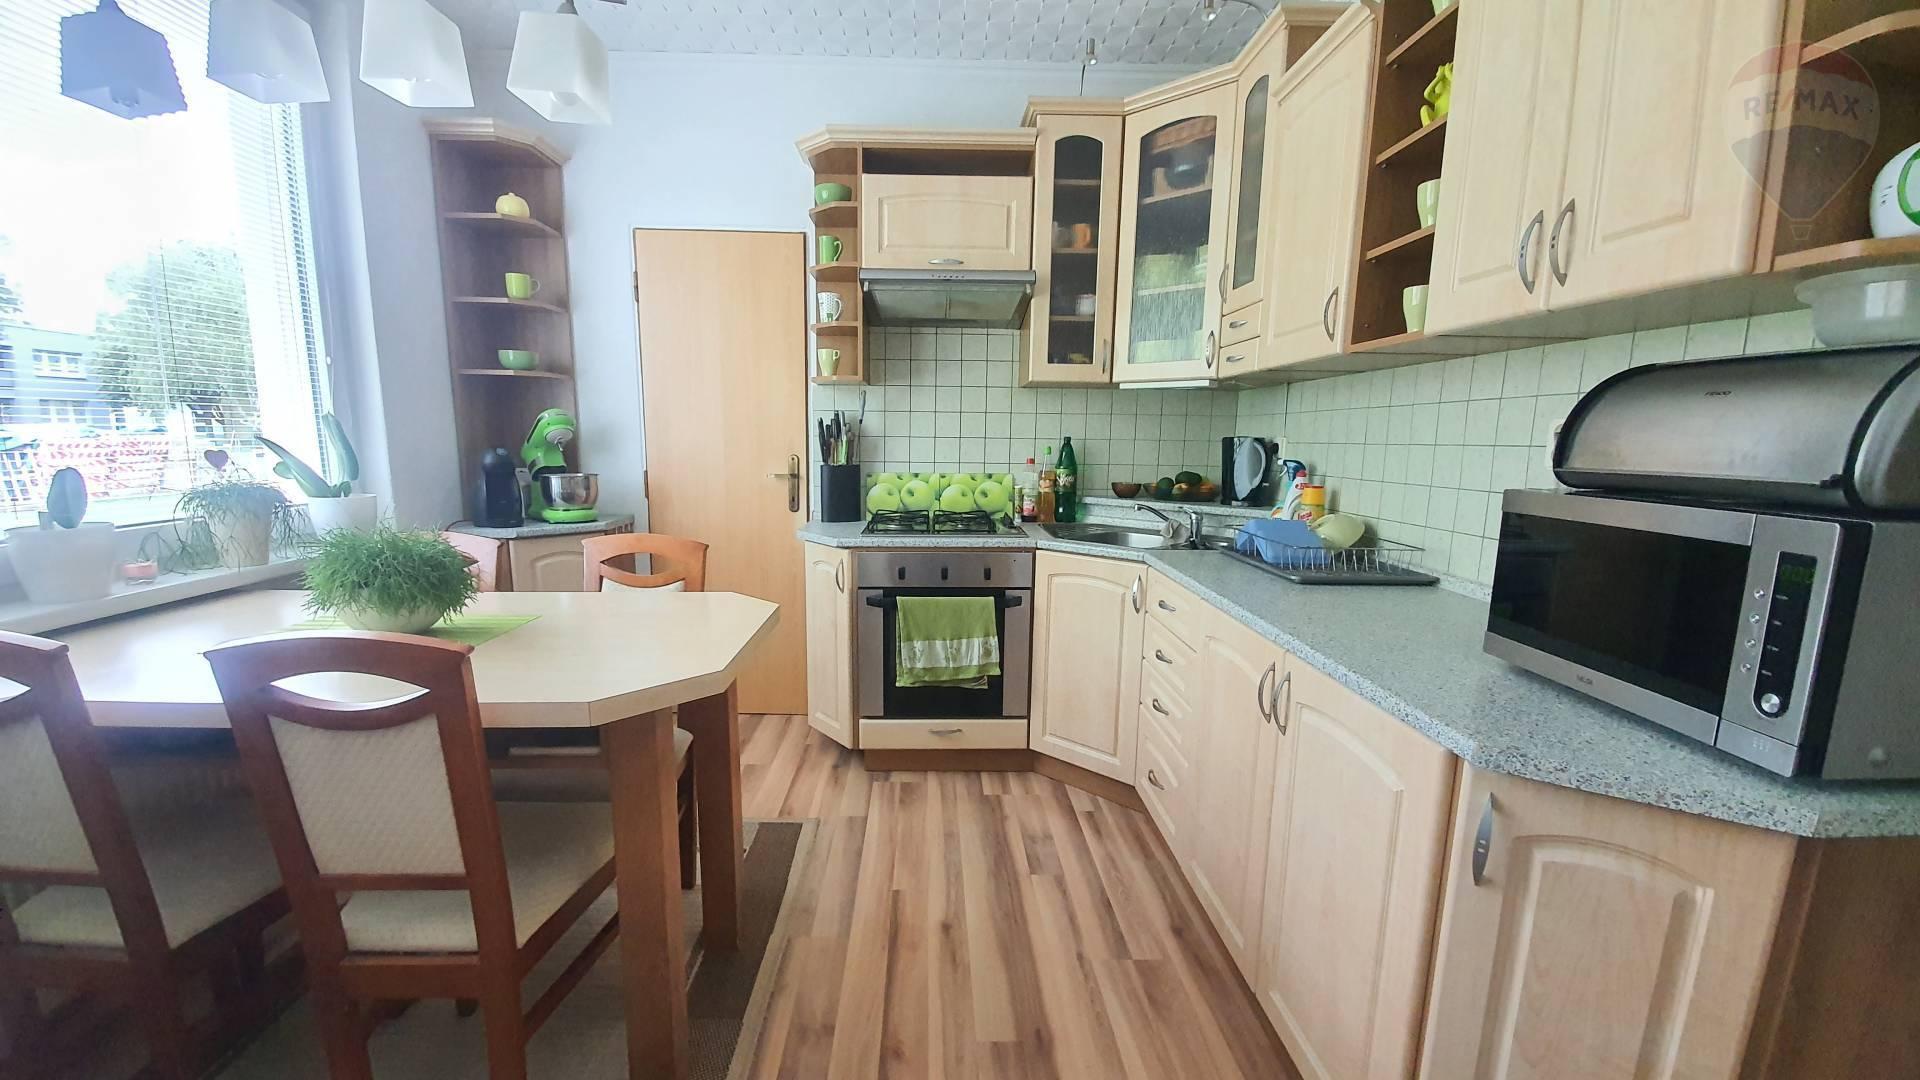 Predám - 4 izbový byt, Topoľčany, prízemie, rekonštrukcia